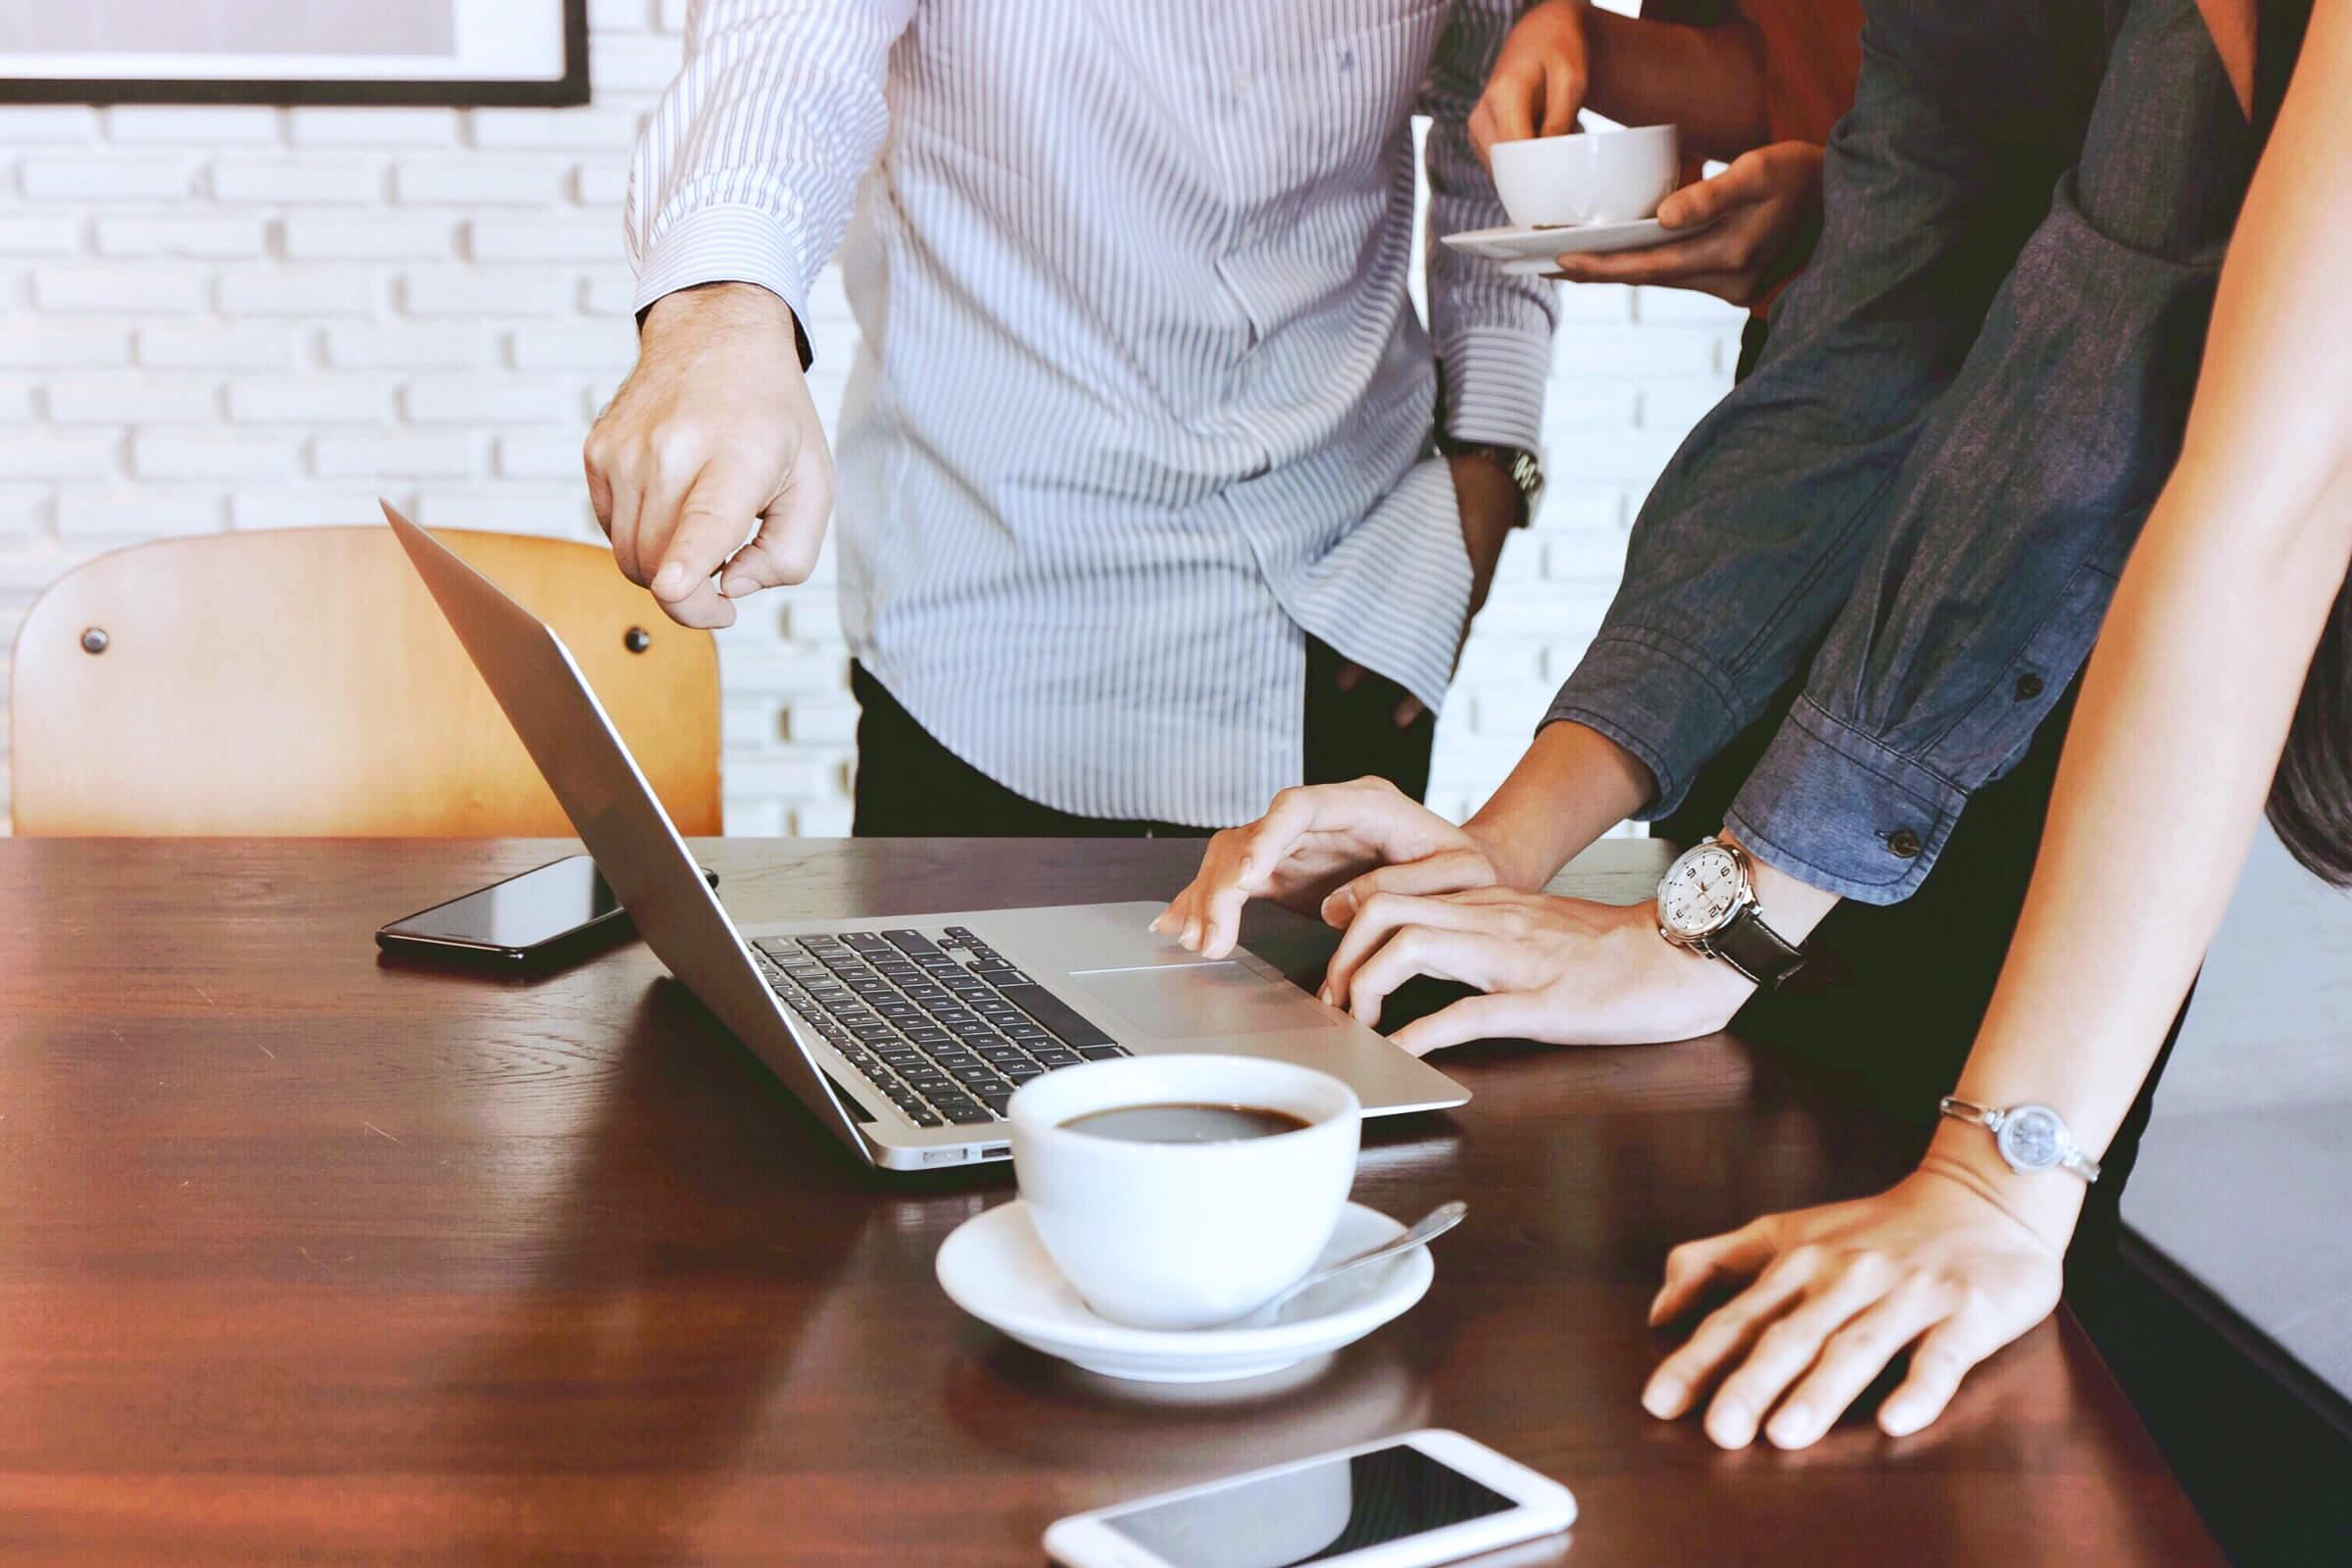 careers-meeting-laptop-coffee.jpg